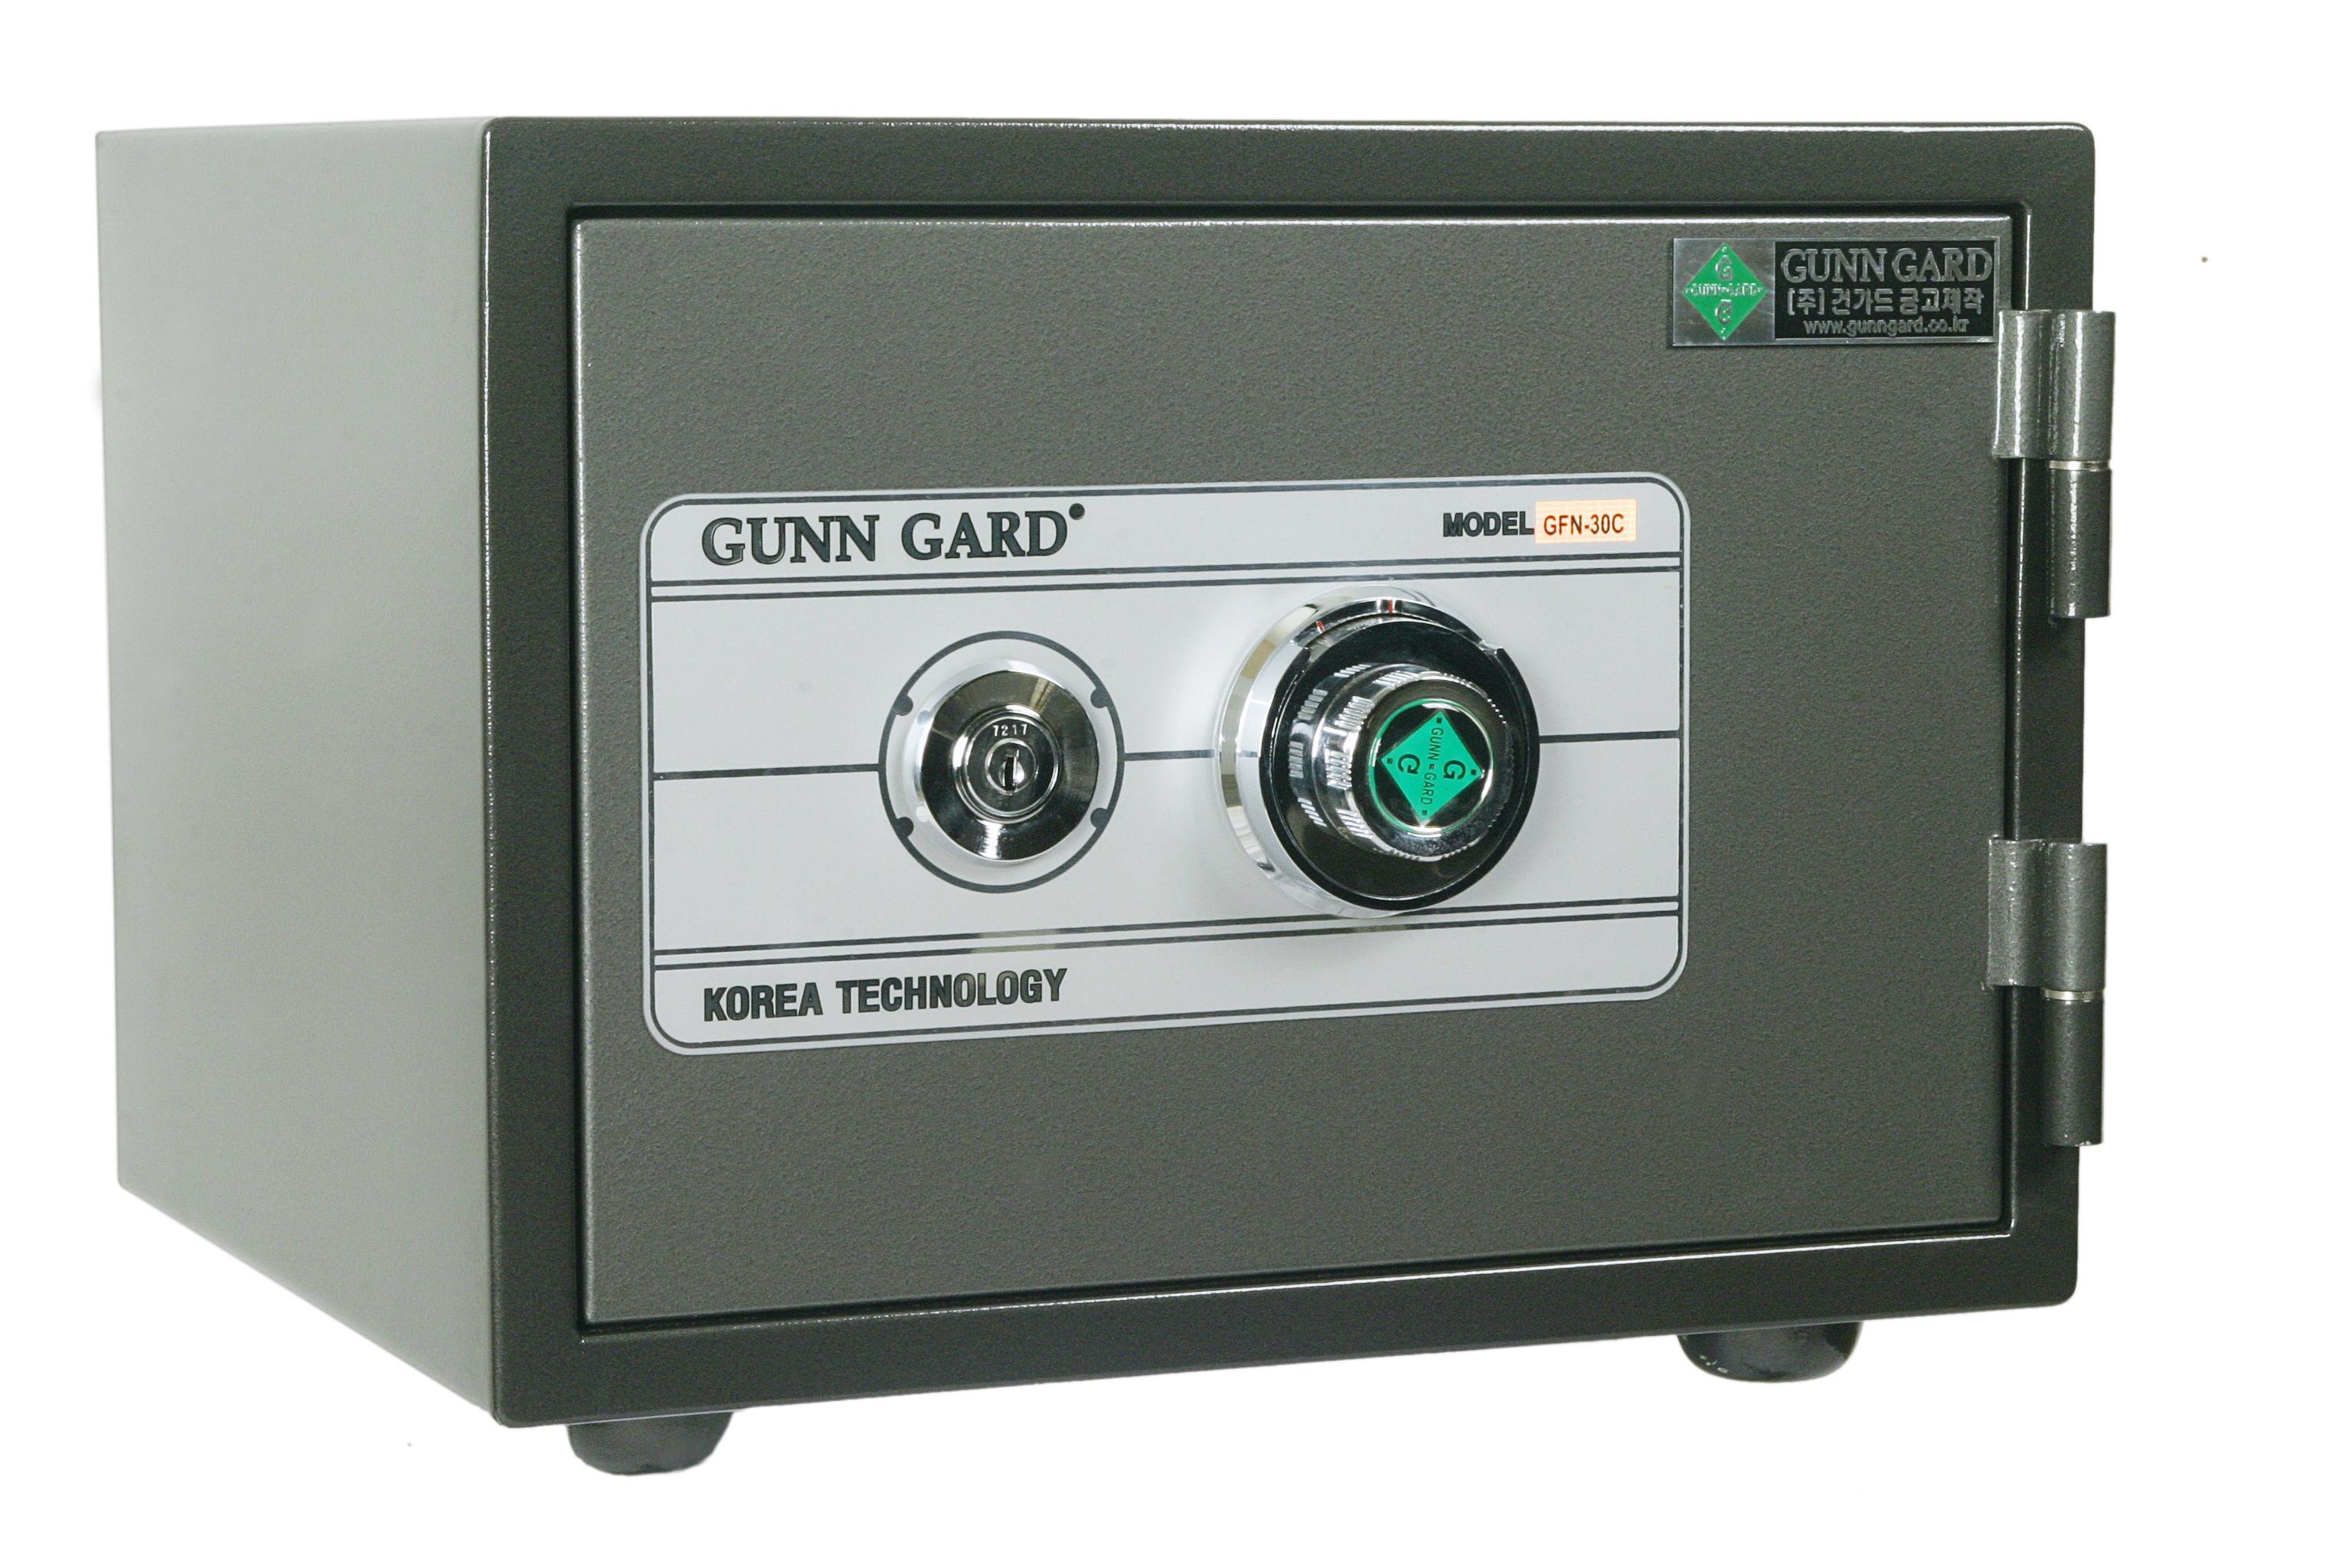 GFN-30C